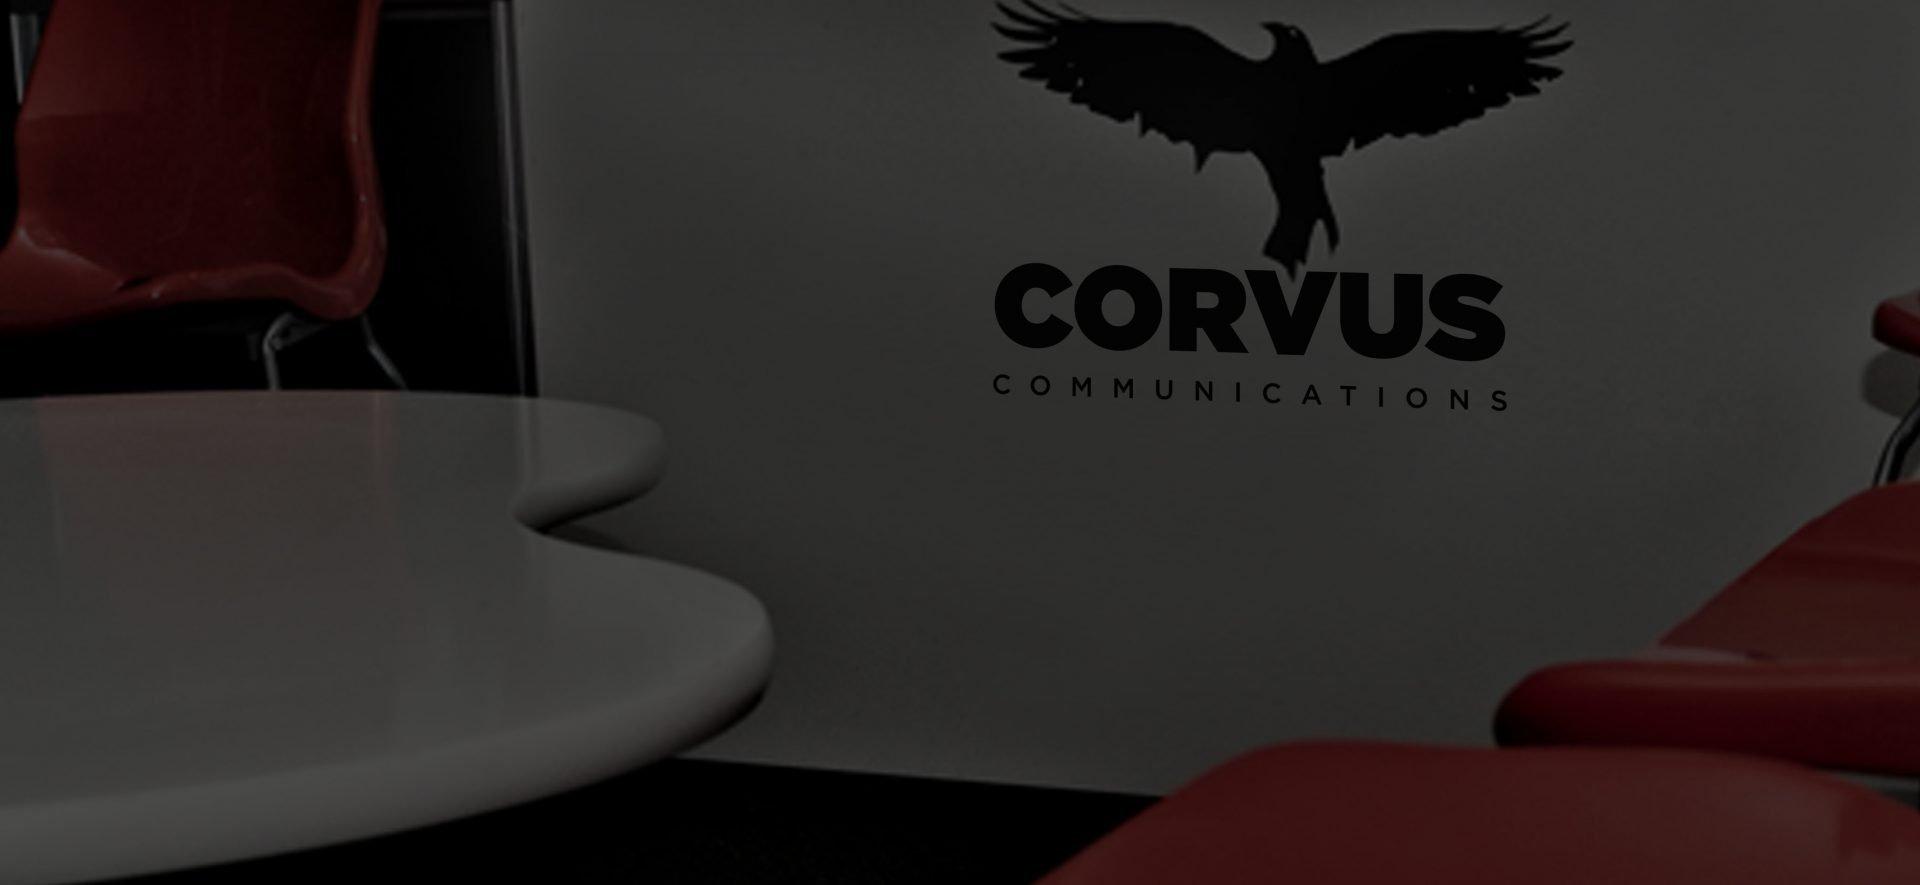 CORVUS CAN HELP